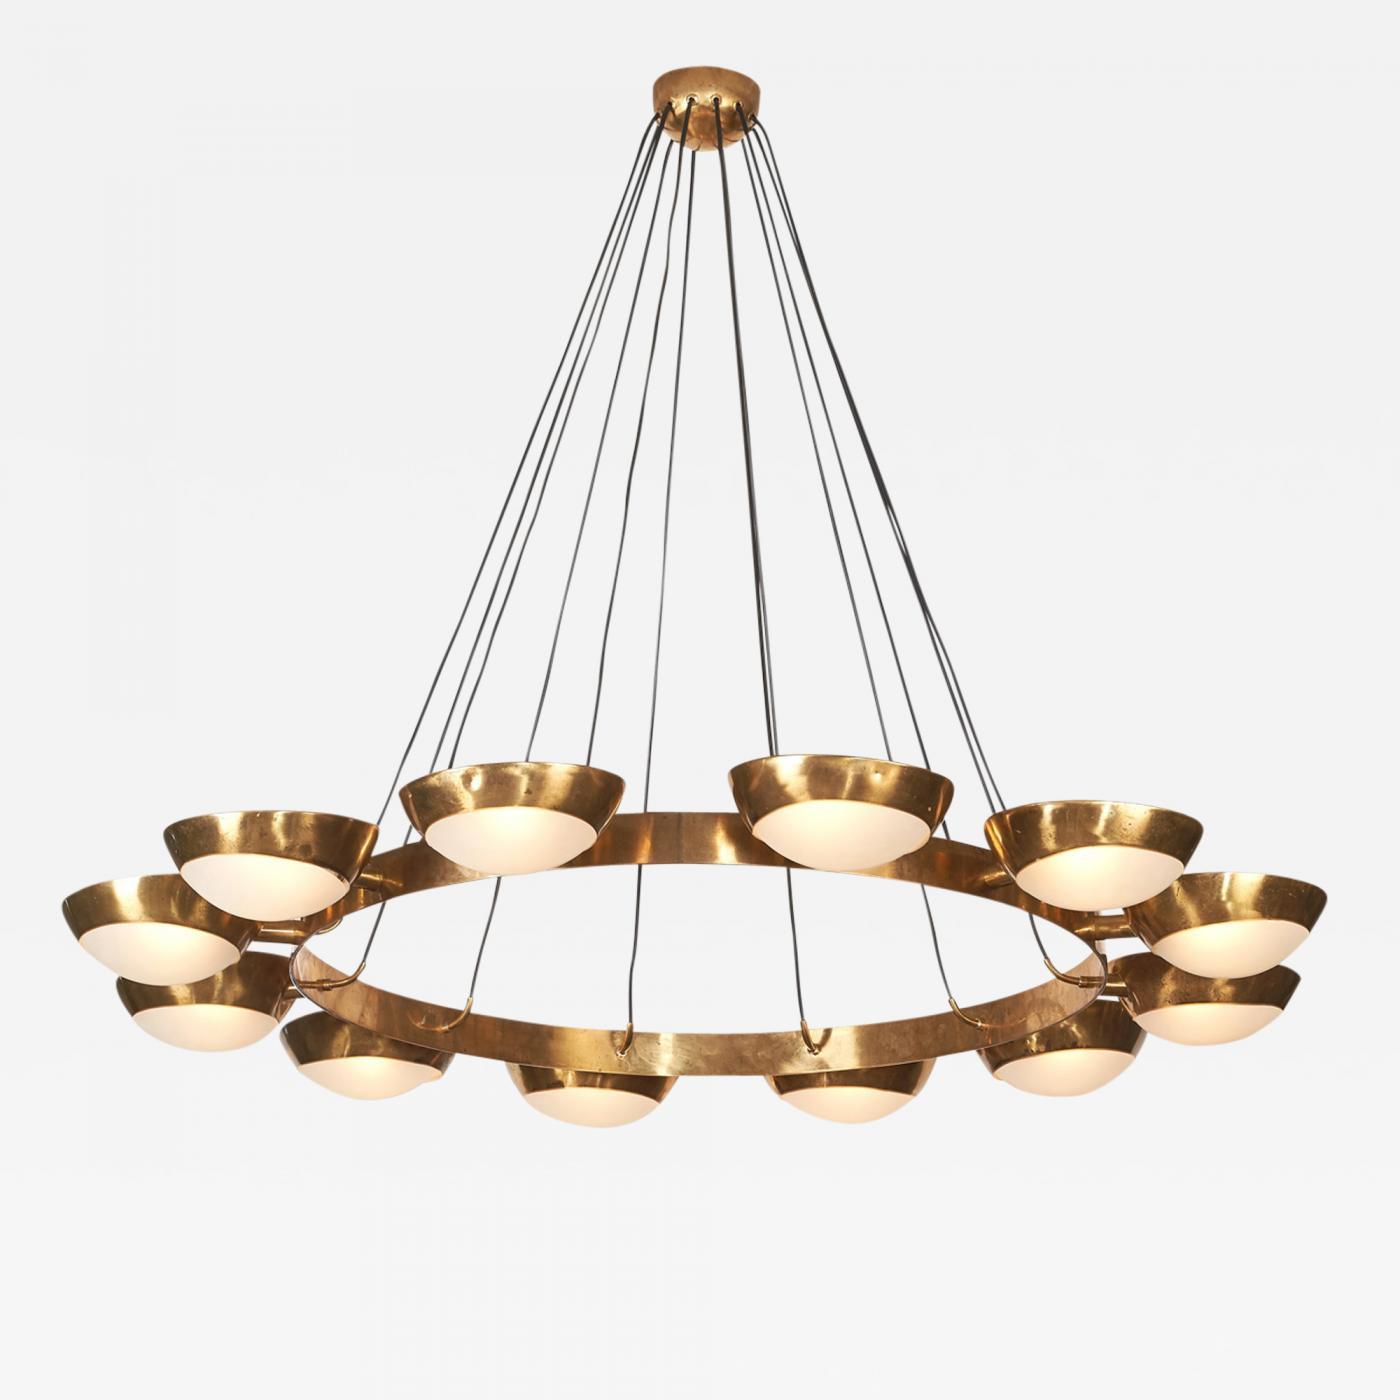 Stilnovo Metal Stilnovo Circular Suspension Chandelier with